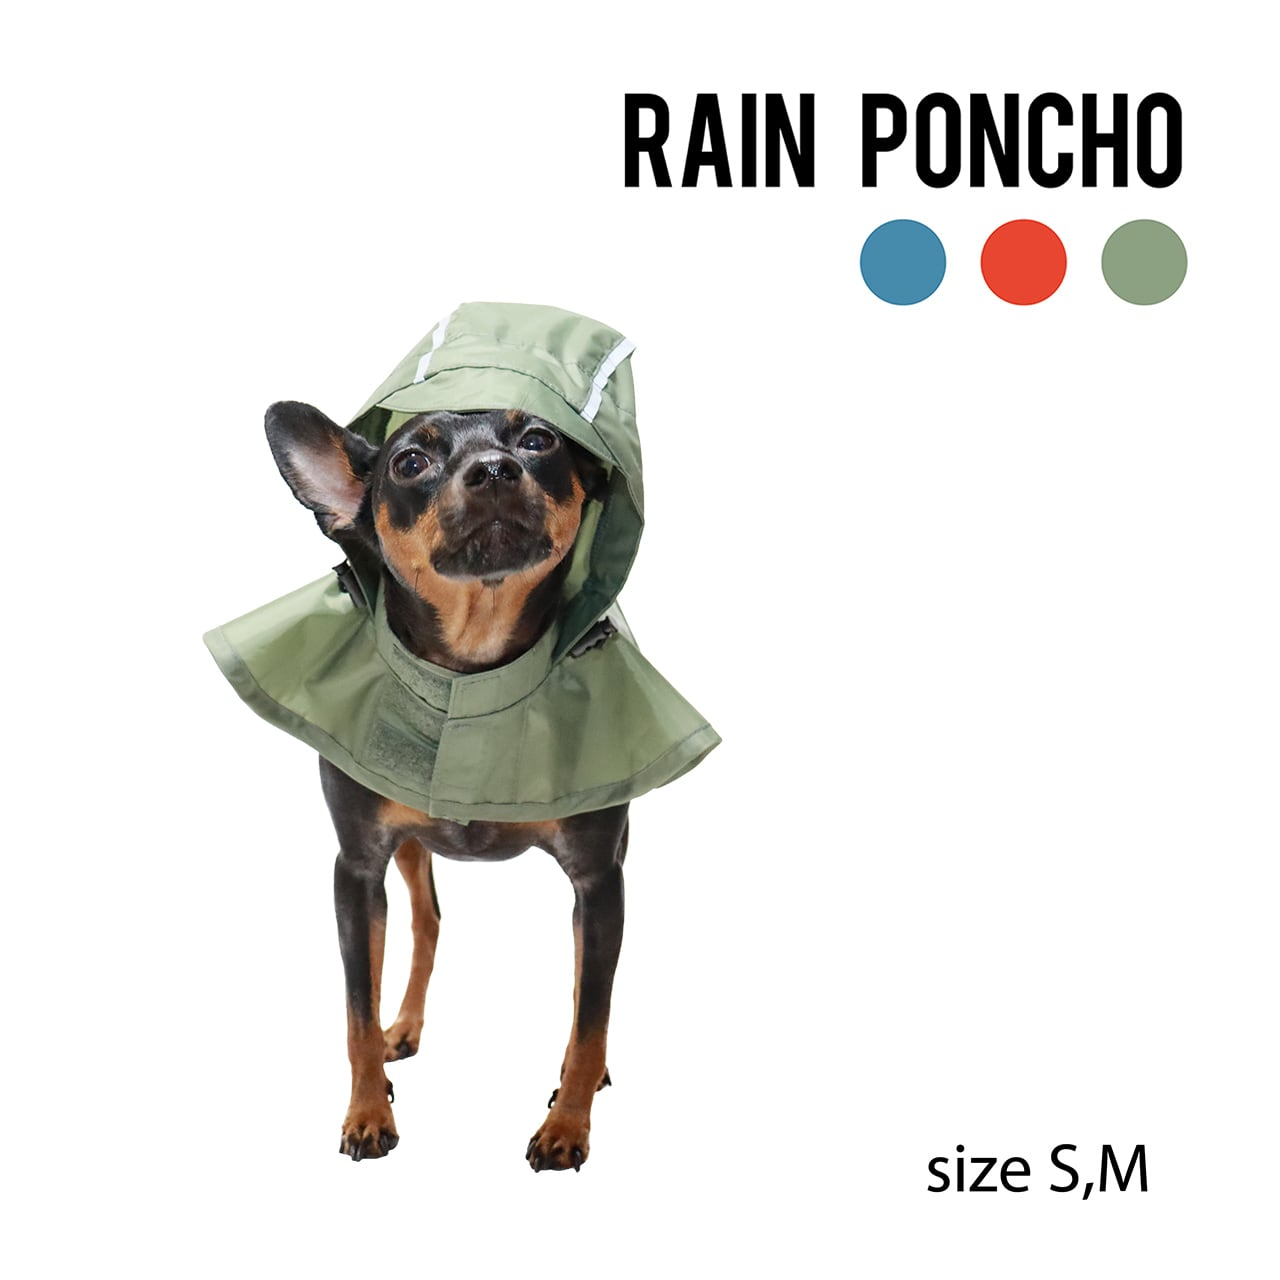 RAIN PONCHO(S,M) レインポンチョ